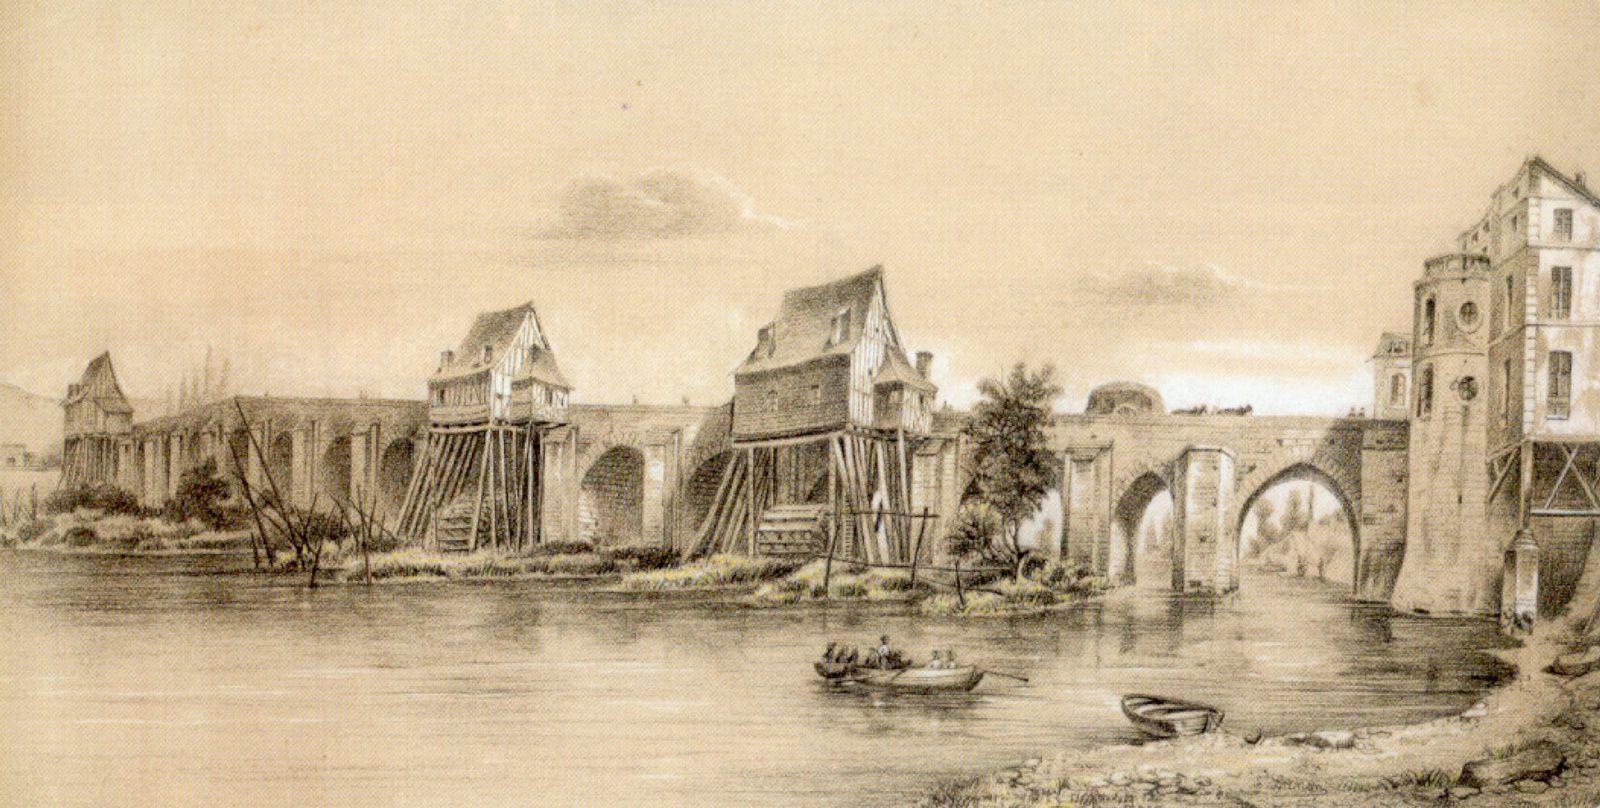 La porte de Rouen, à droite du pont, était défendue par deux tours en «u». Une d'entre elles apparait sur ce dessin réalisé vers 1840 par Edouard Lanon (musée de Louviers). Elle a été percée de grandes ouvertures et par des œils-de-bœuf. Elle sert d'appui à un vaste logis qui la dépasse et qui prend aussi appui sur une colonne plantée dans la Seine.